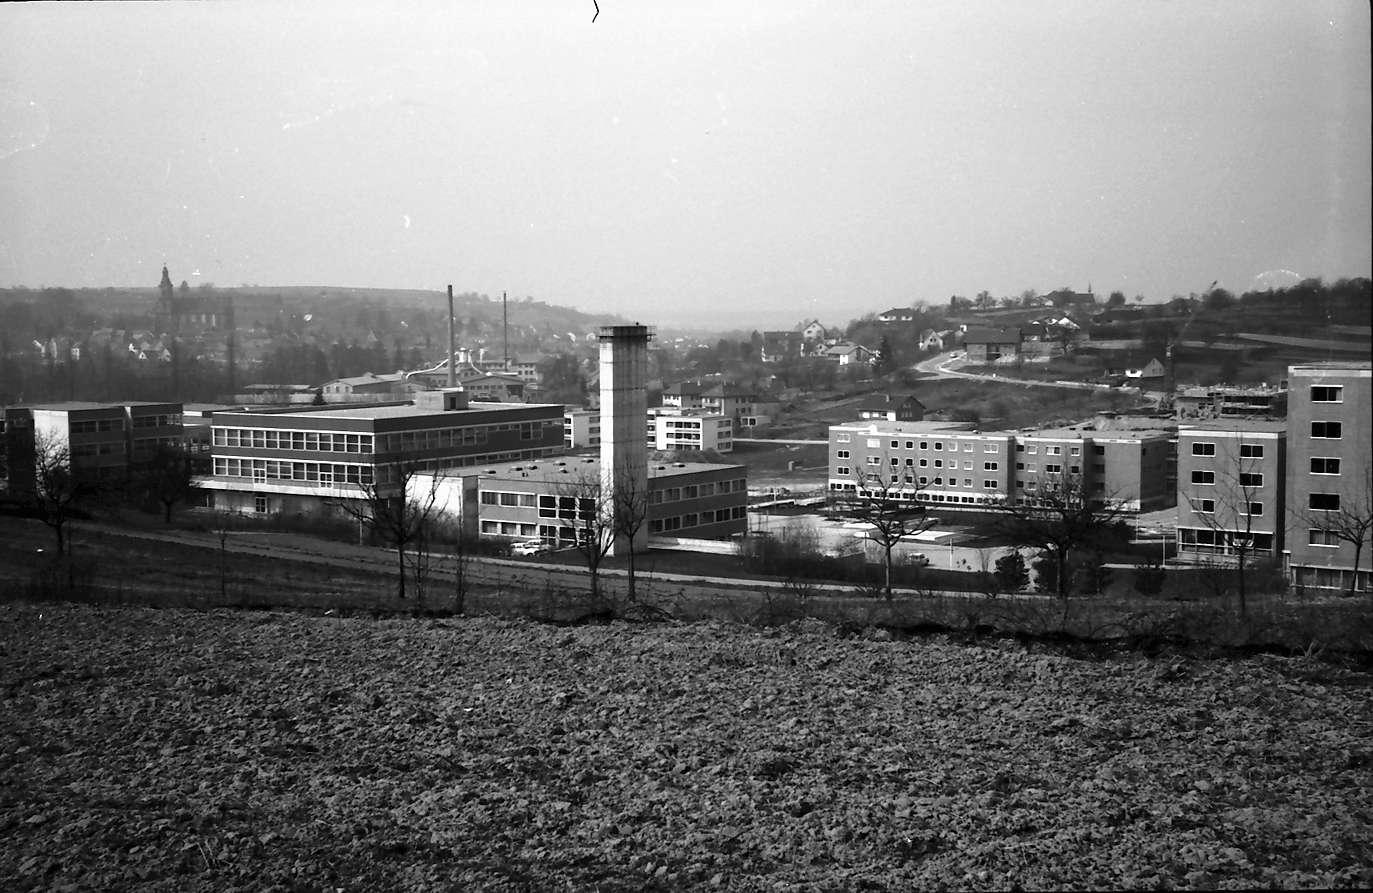 Ettenheim: Heimschule Ettenheim, Außenansichten des Gesamtkomplexes, Bild 1